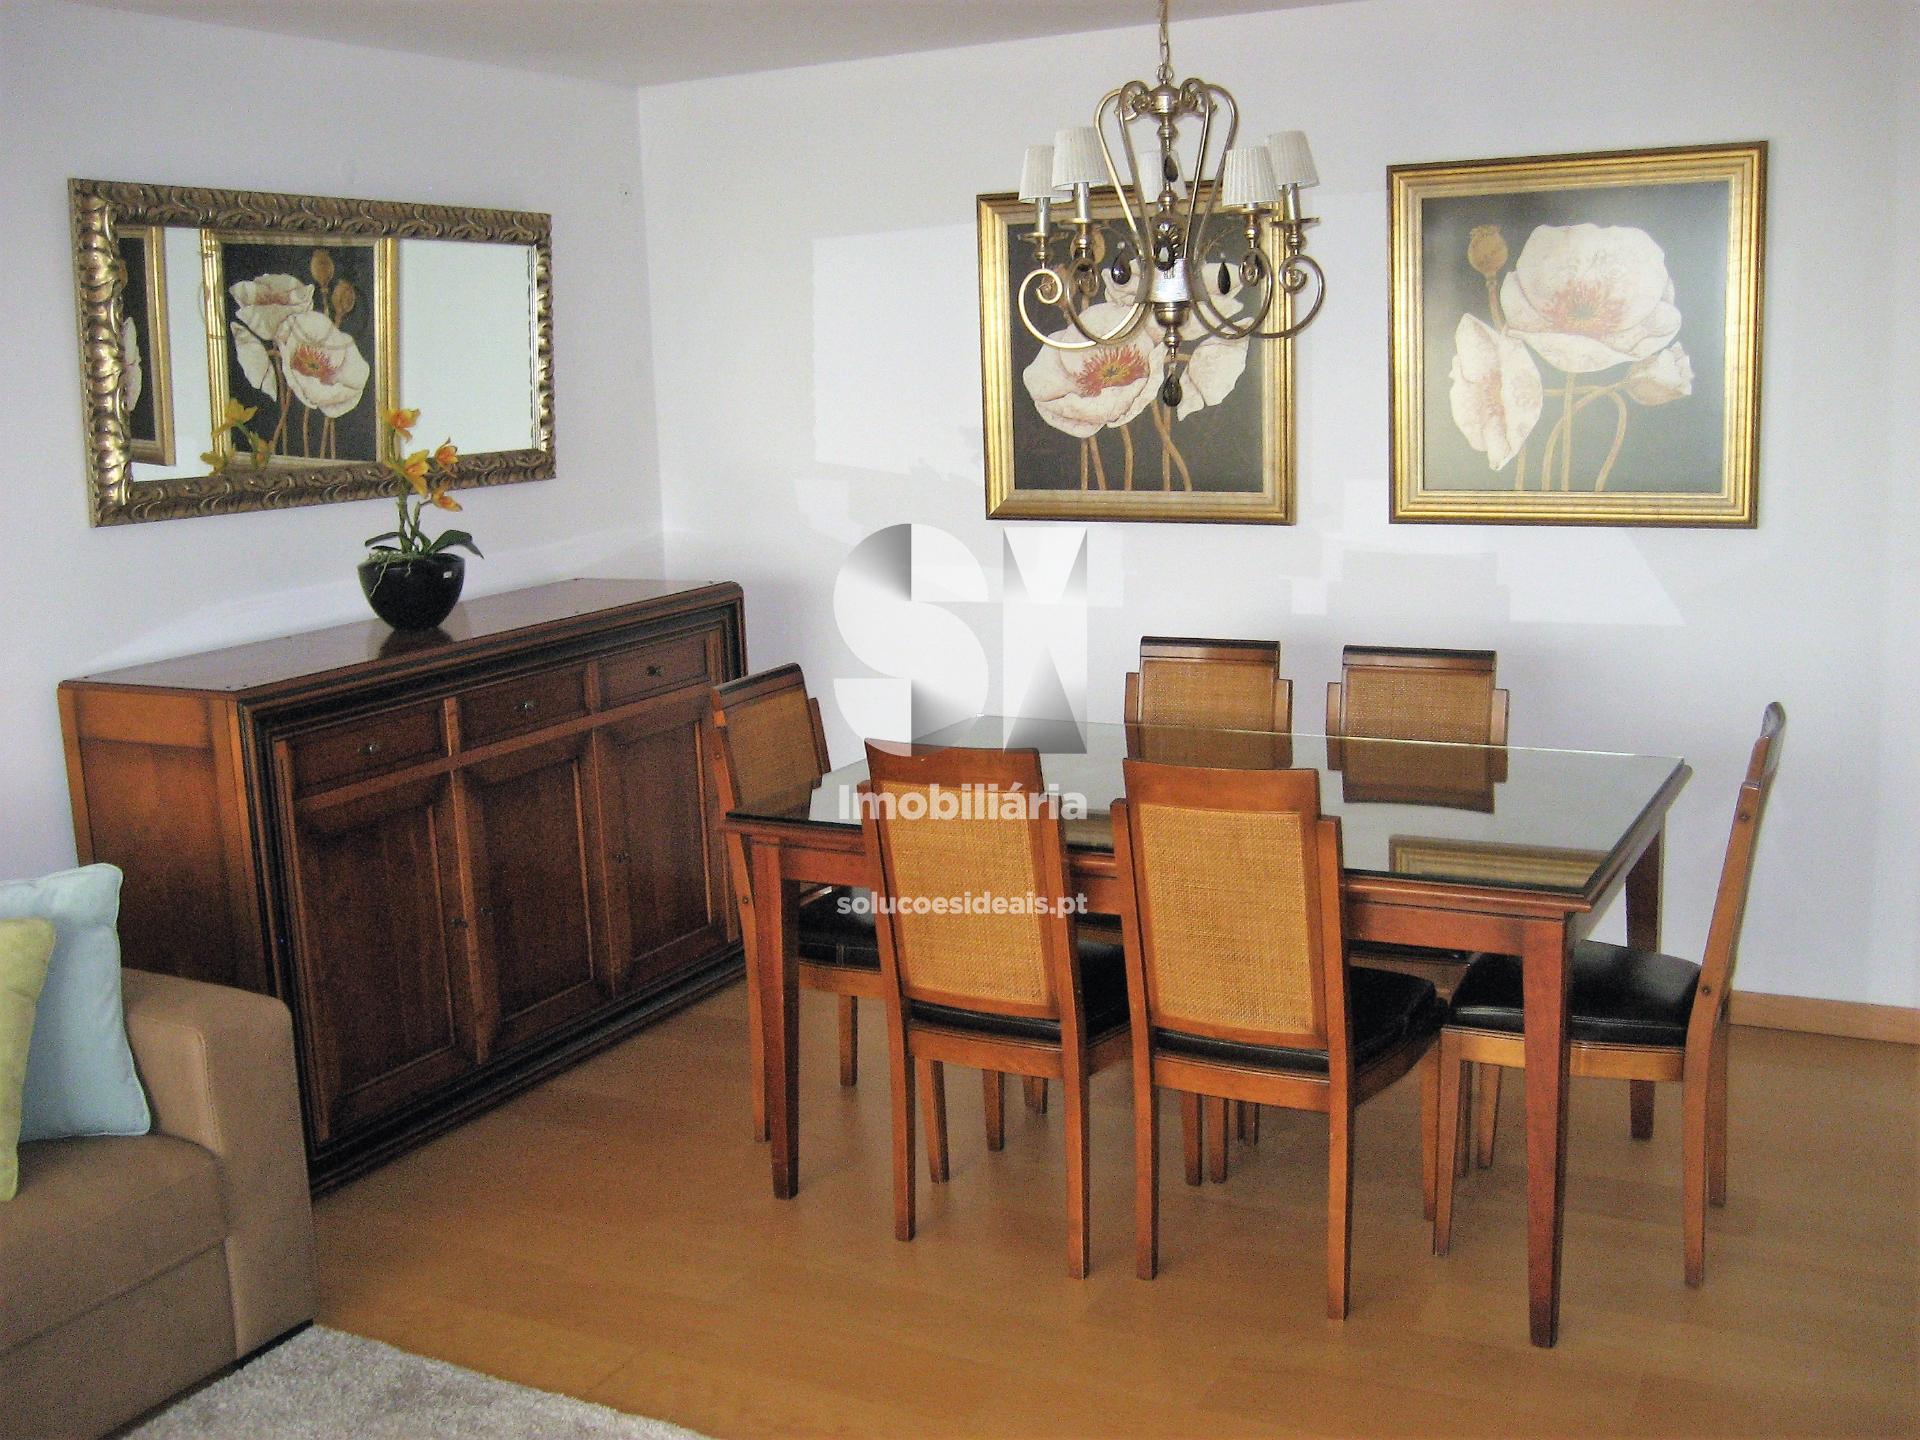 apartamento t1 para arrendamento em coimbra santo antonio dos olivais celas CELJM2696